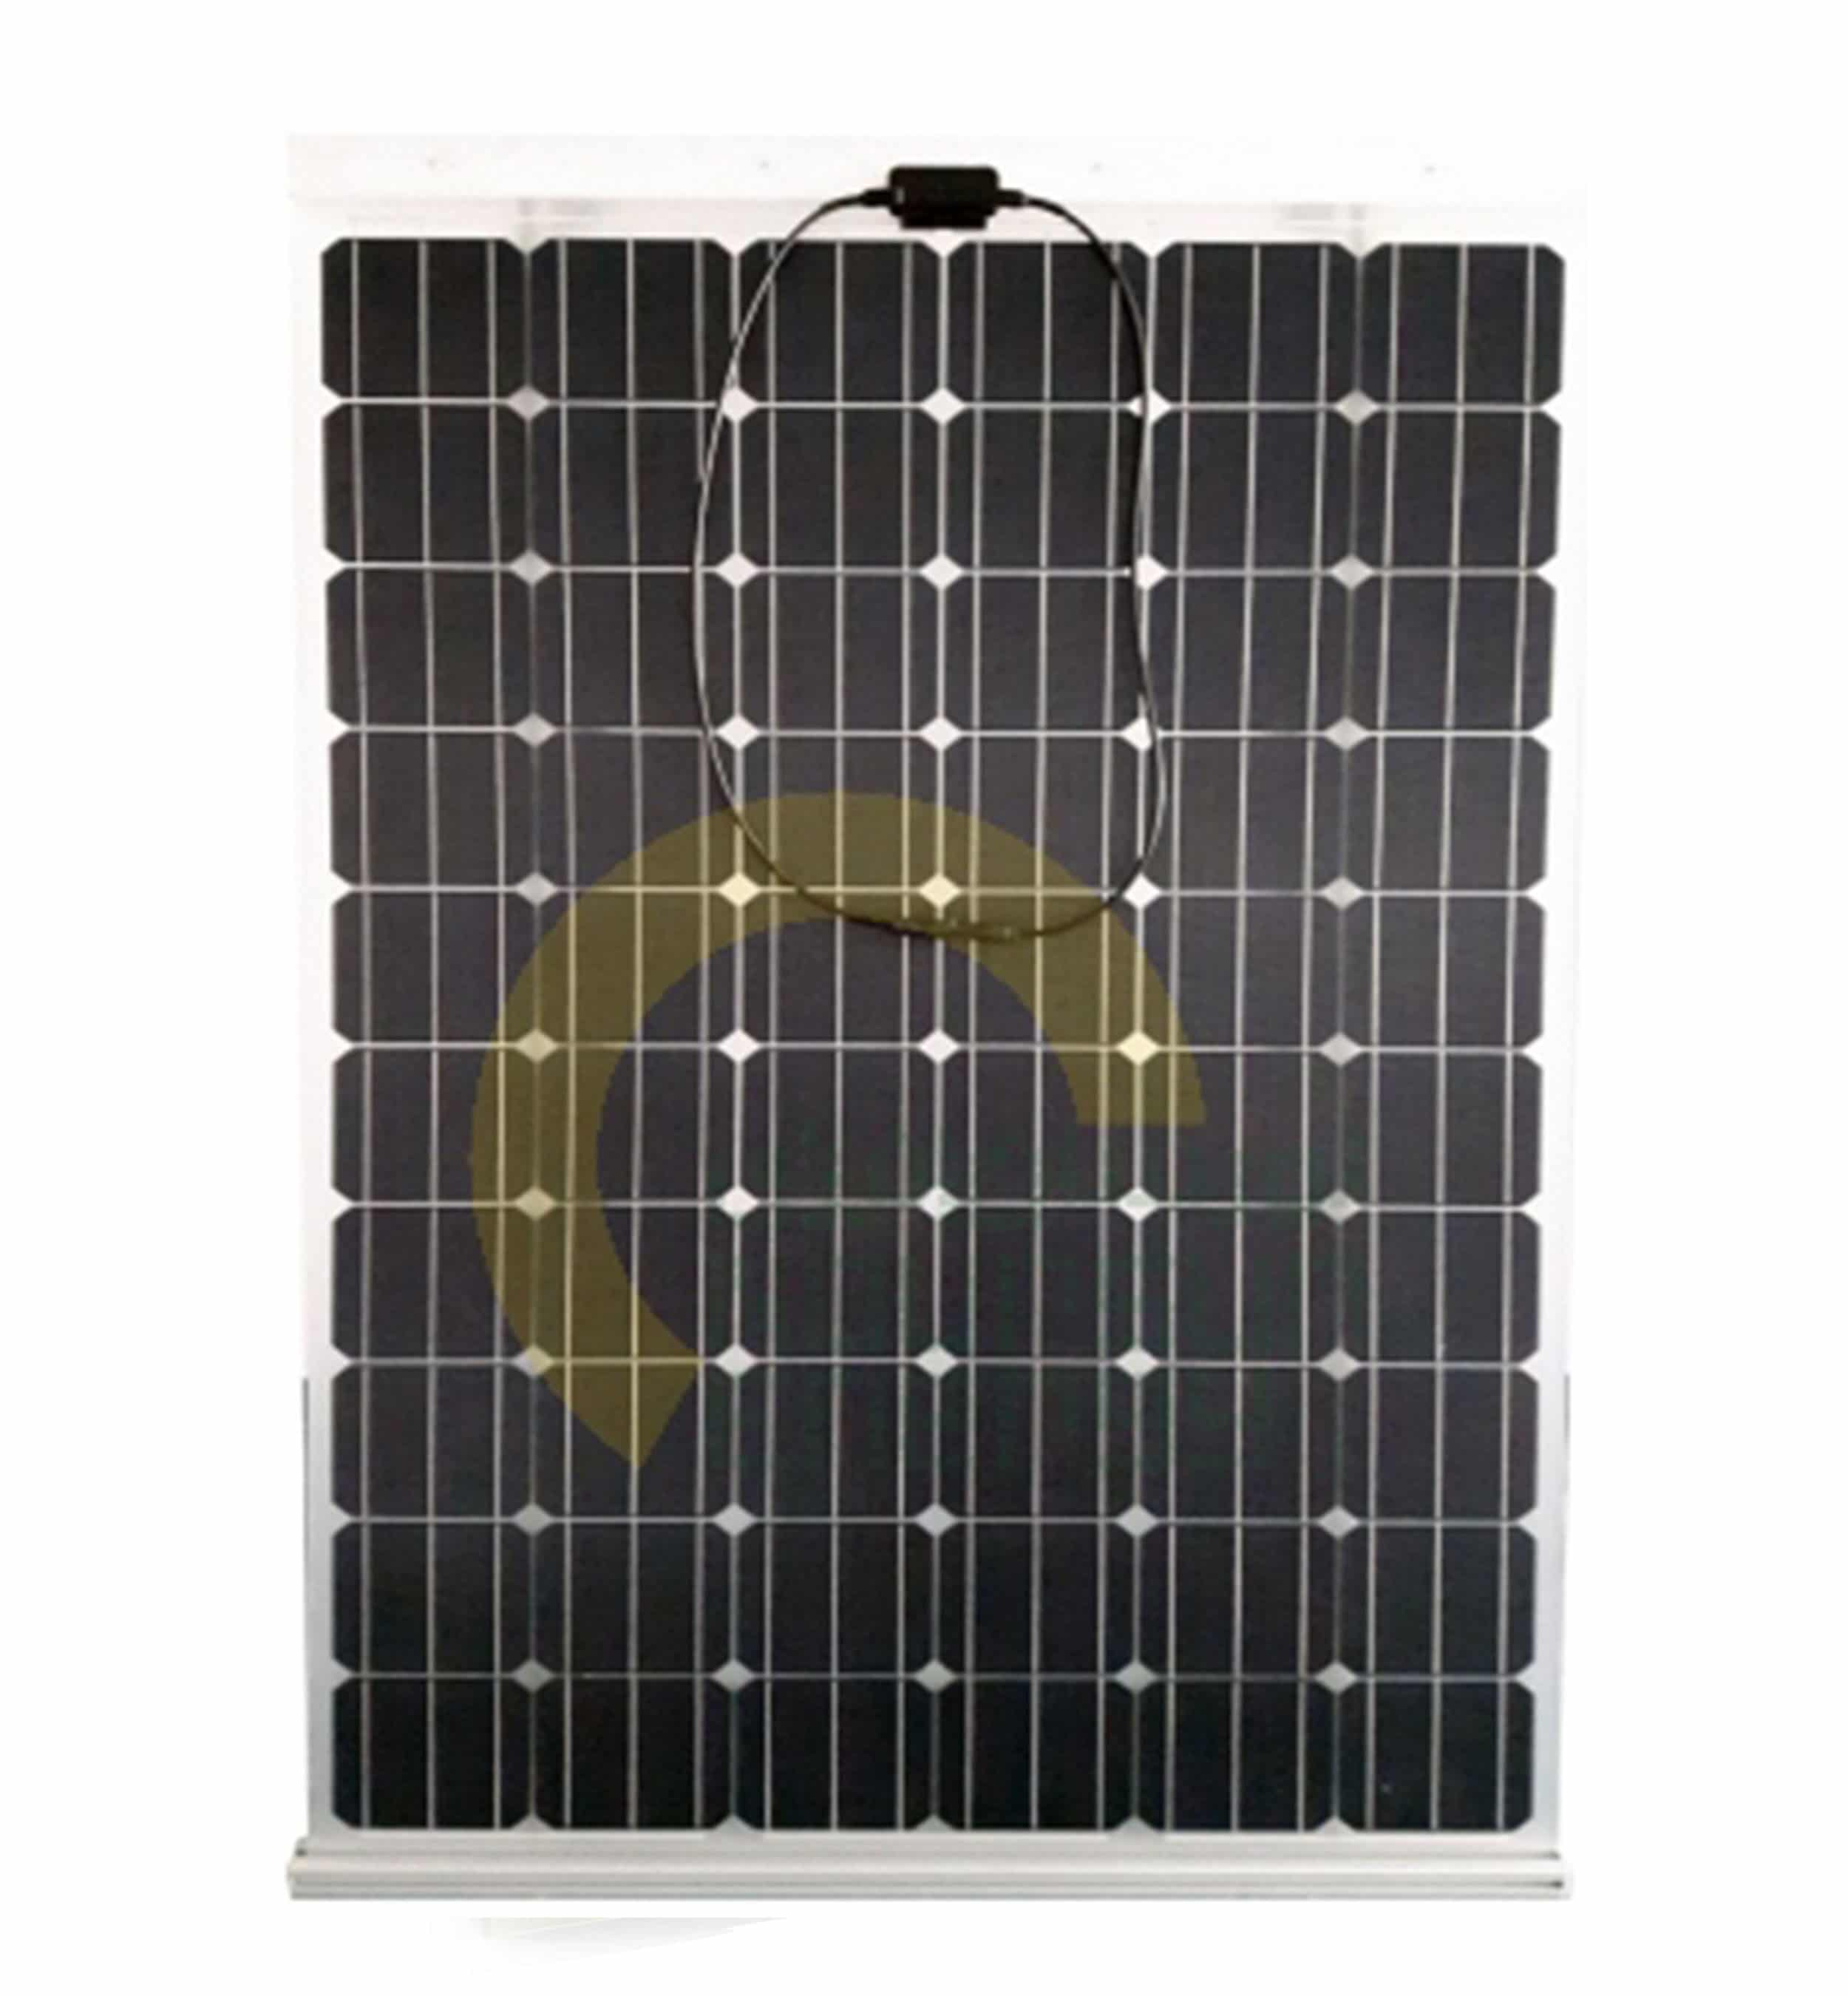 پنل خورشیدی backglass (مخصوص مناطق کویری) – گروه شرکت های ...